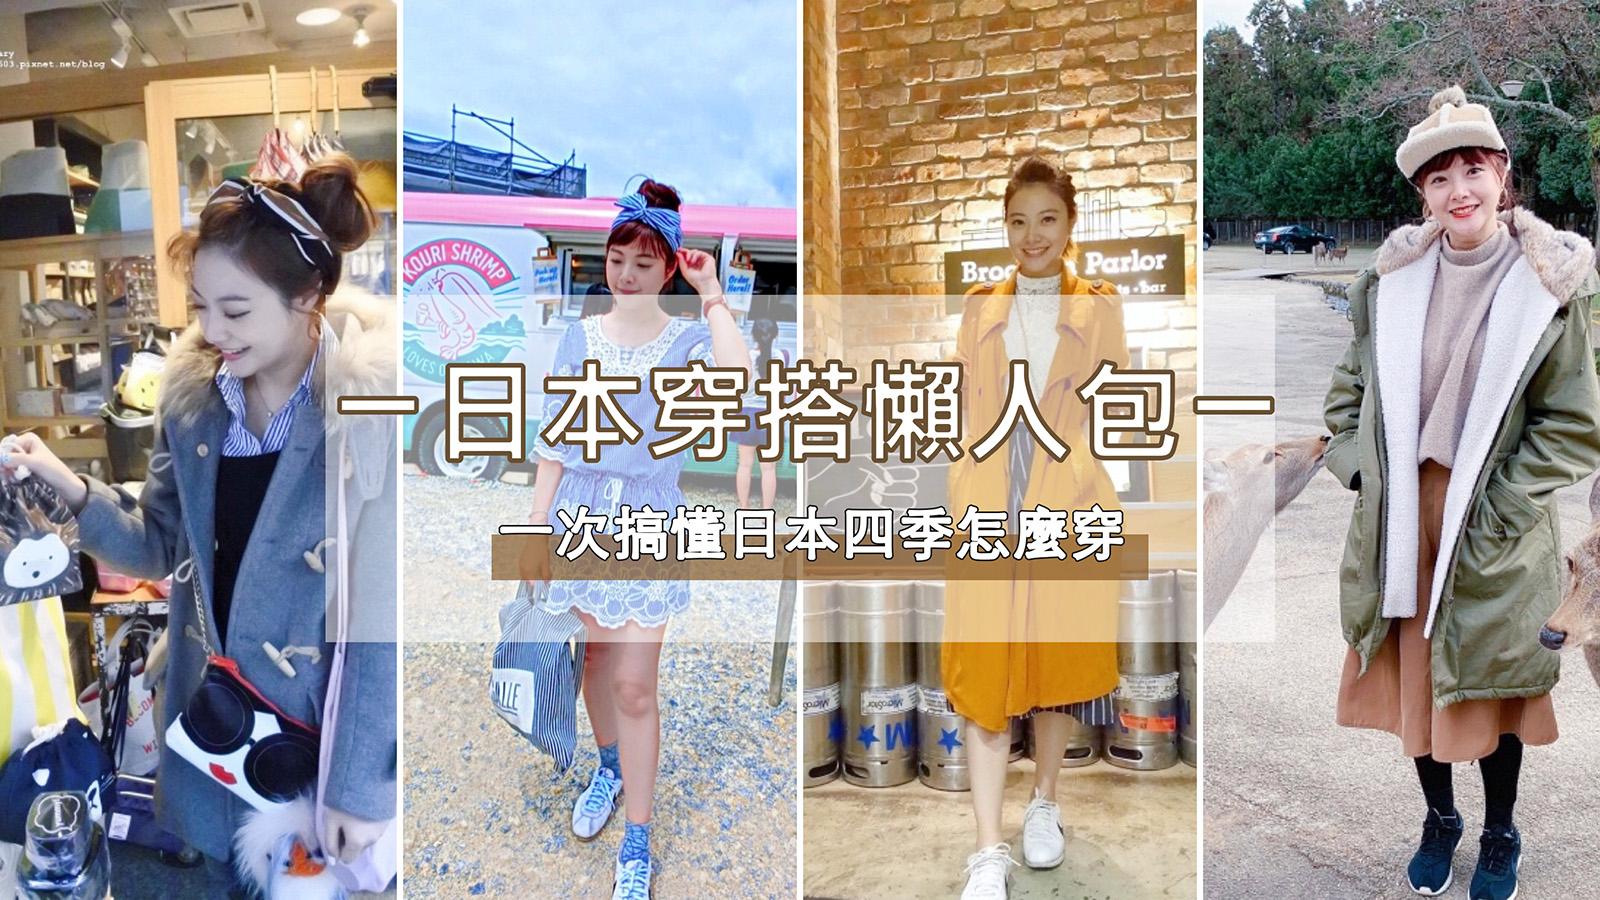 ☆【2020更新:東京/大阪四季穿衣哲學】日本天氣如何?怎麼穿衣服?年度穿搭術這篇一次報告完畢! @凱的日本食尚日記